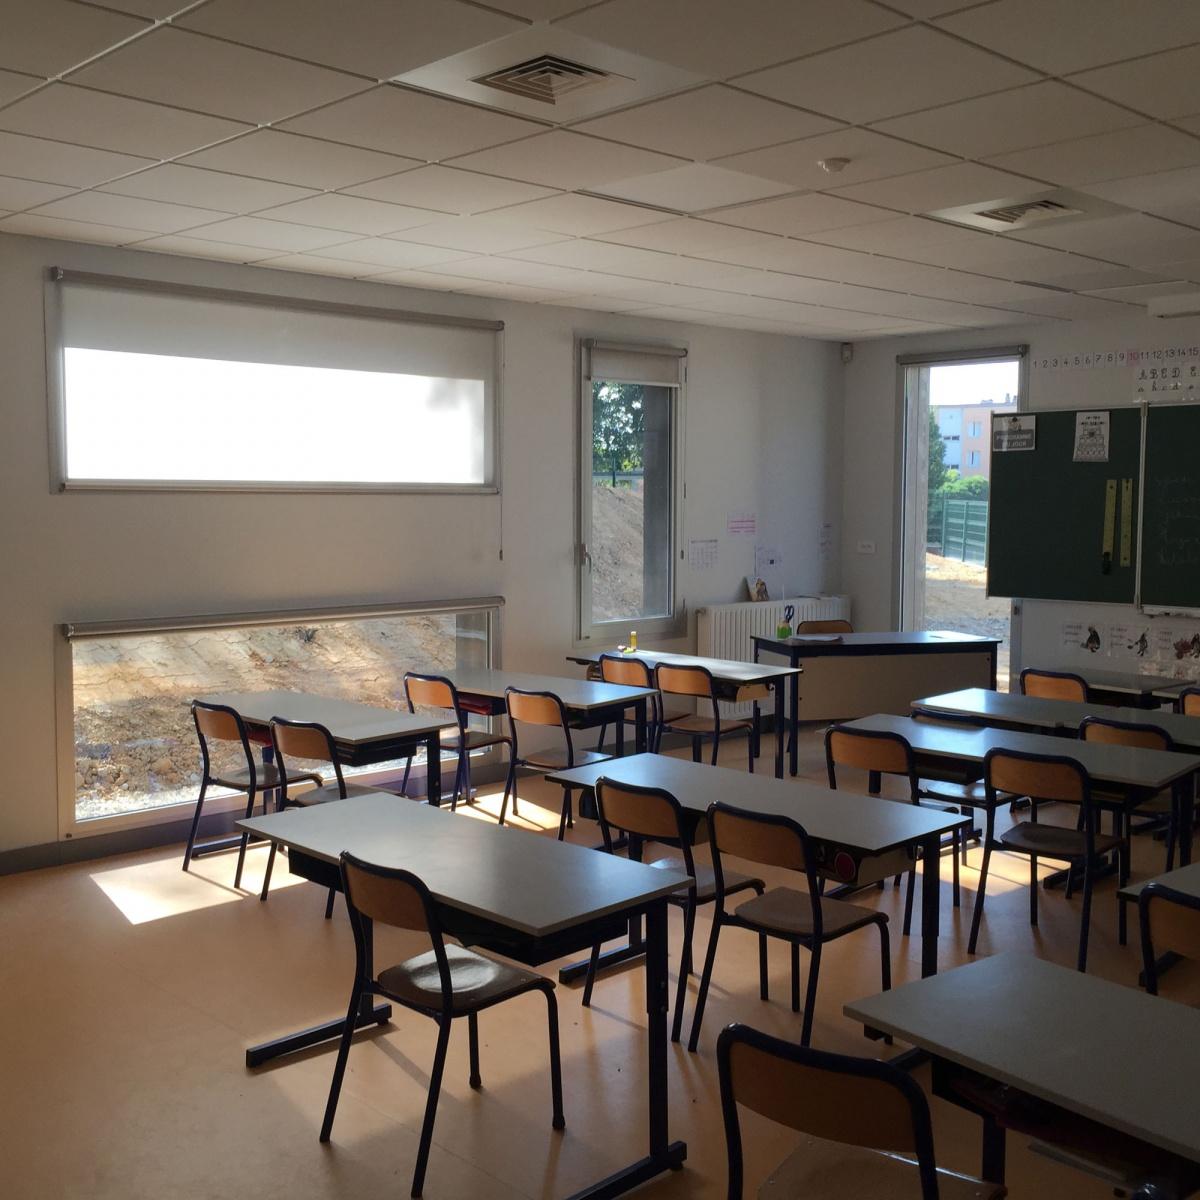 Extension de l'école Bel Air : 20160907_145218542_iOS